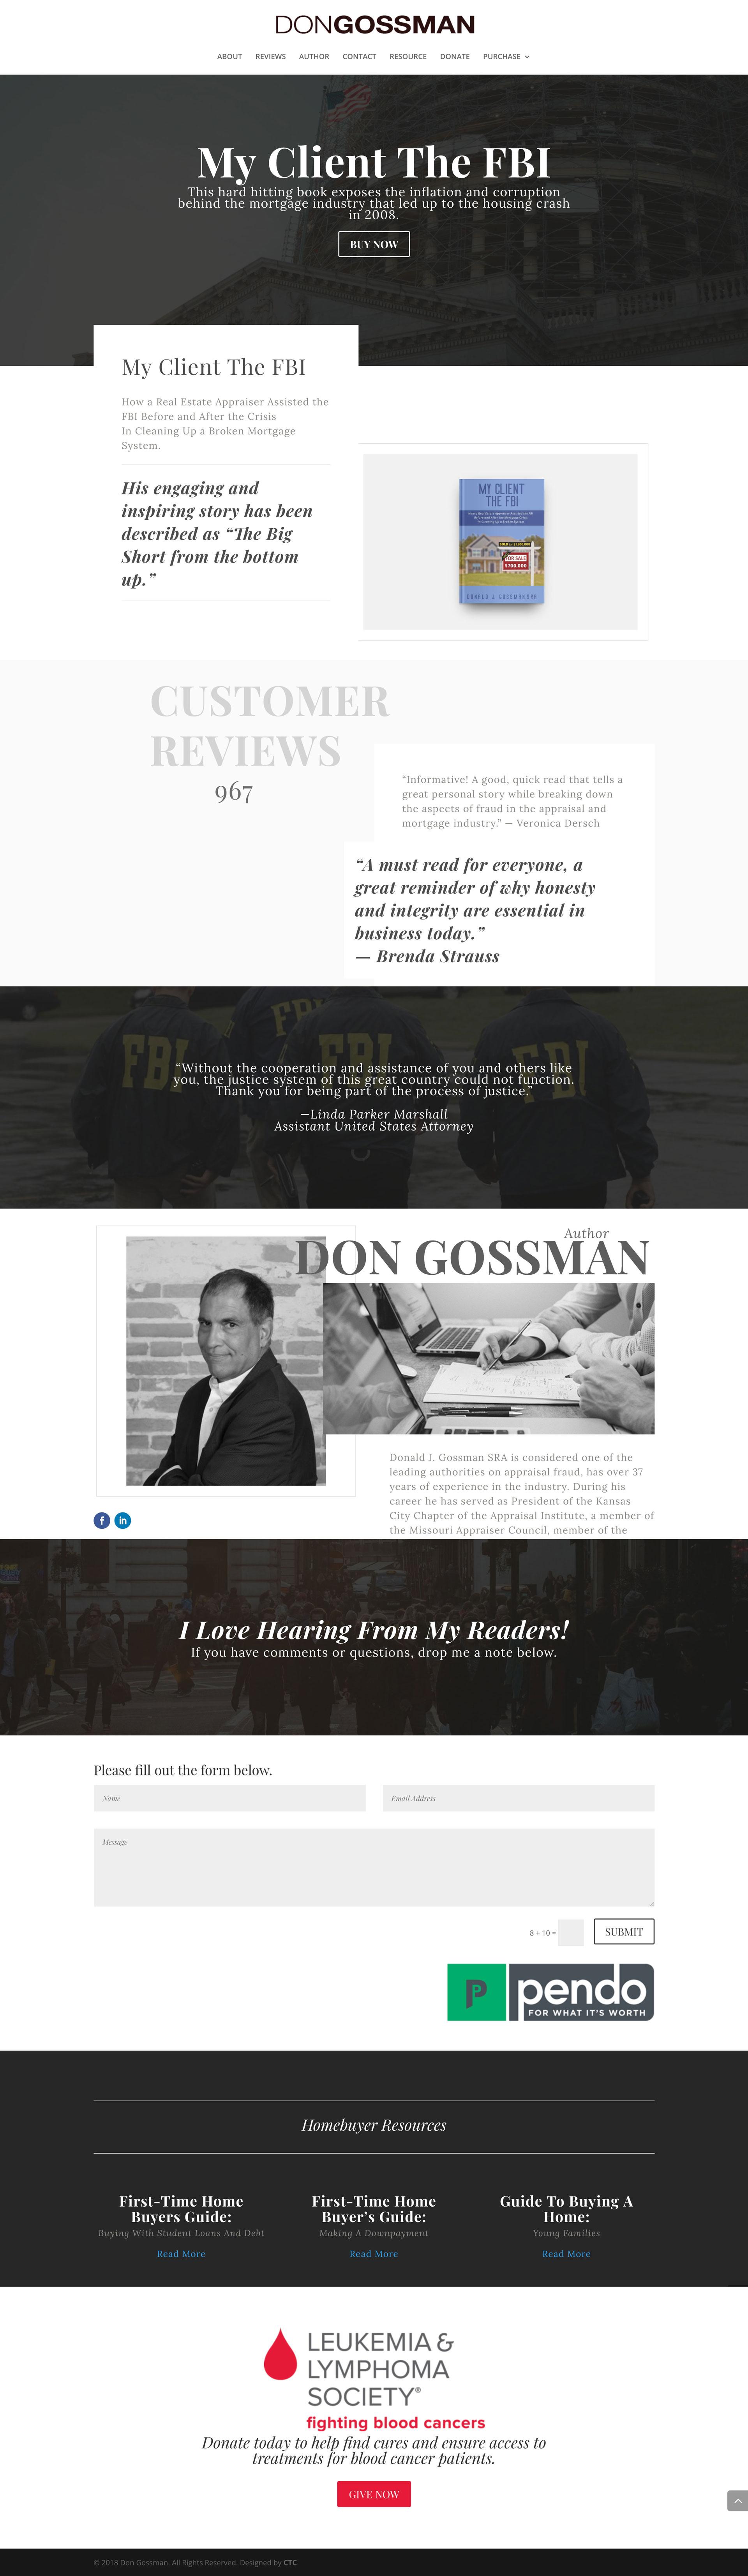 Don Gossman